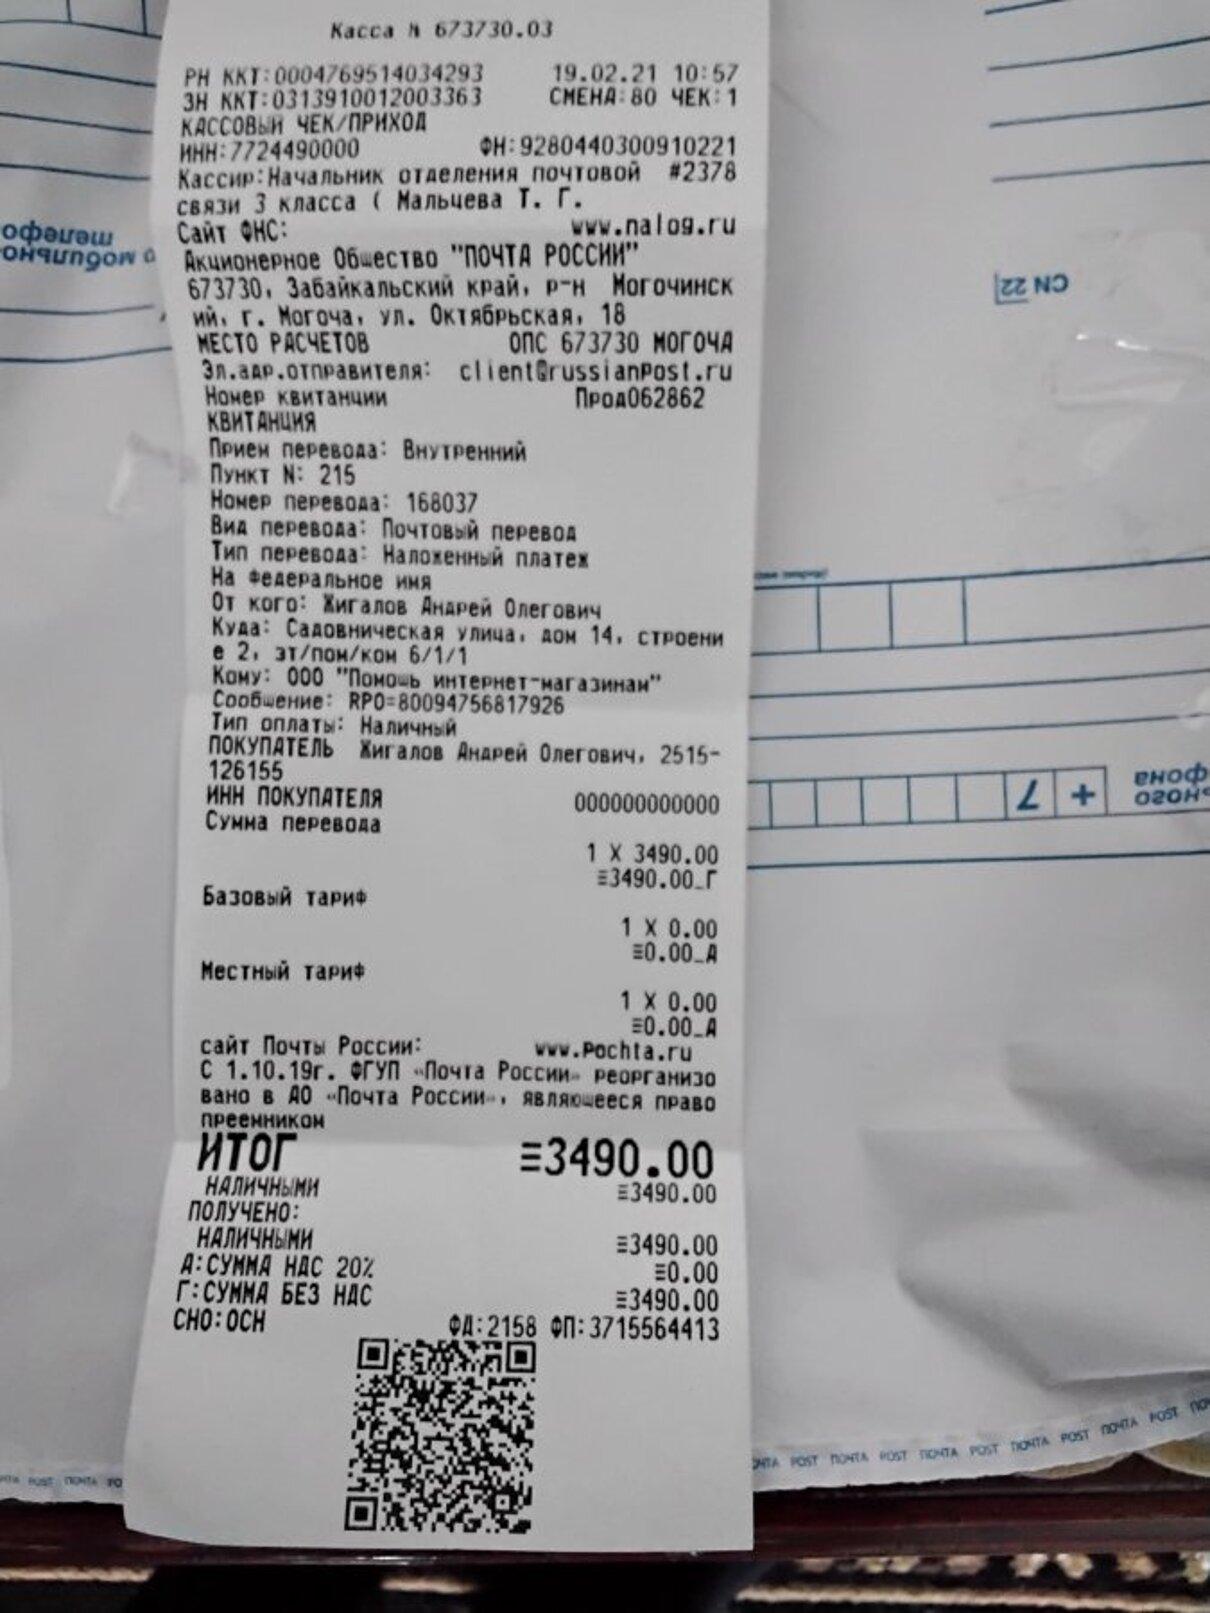 Жалоба-отзыв: U105288 ООО ГИГАНТ - Отправлено не тот глюкометр, был заказан неинвазивный а отправили инвазивный.  Фото №5